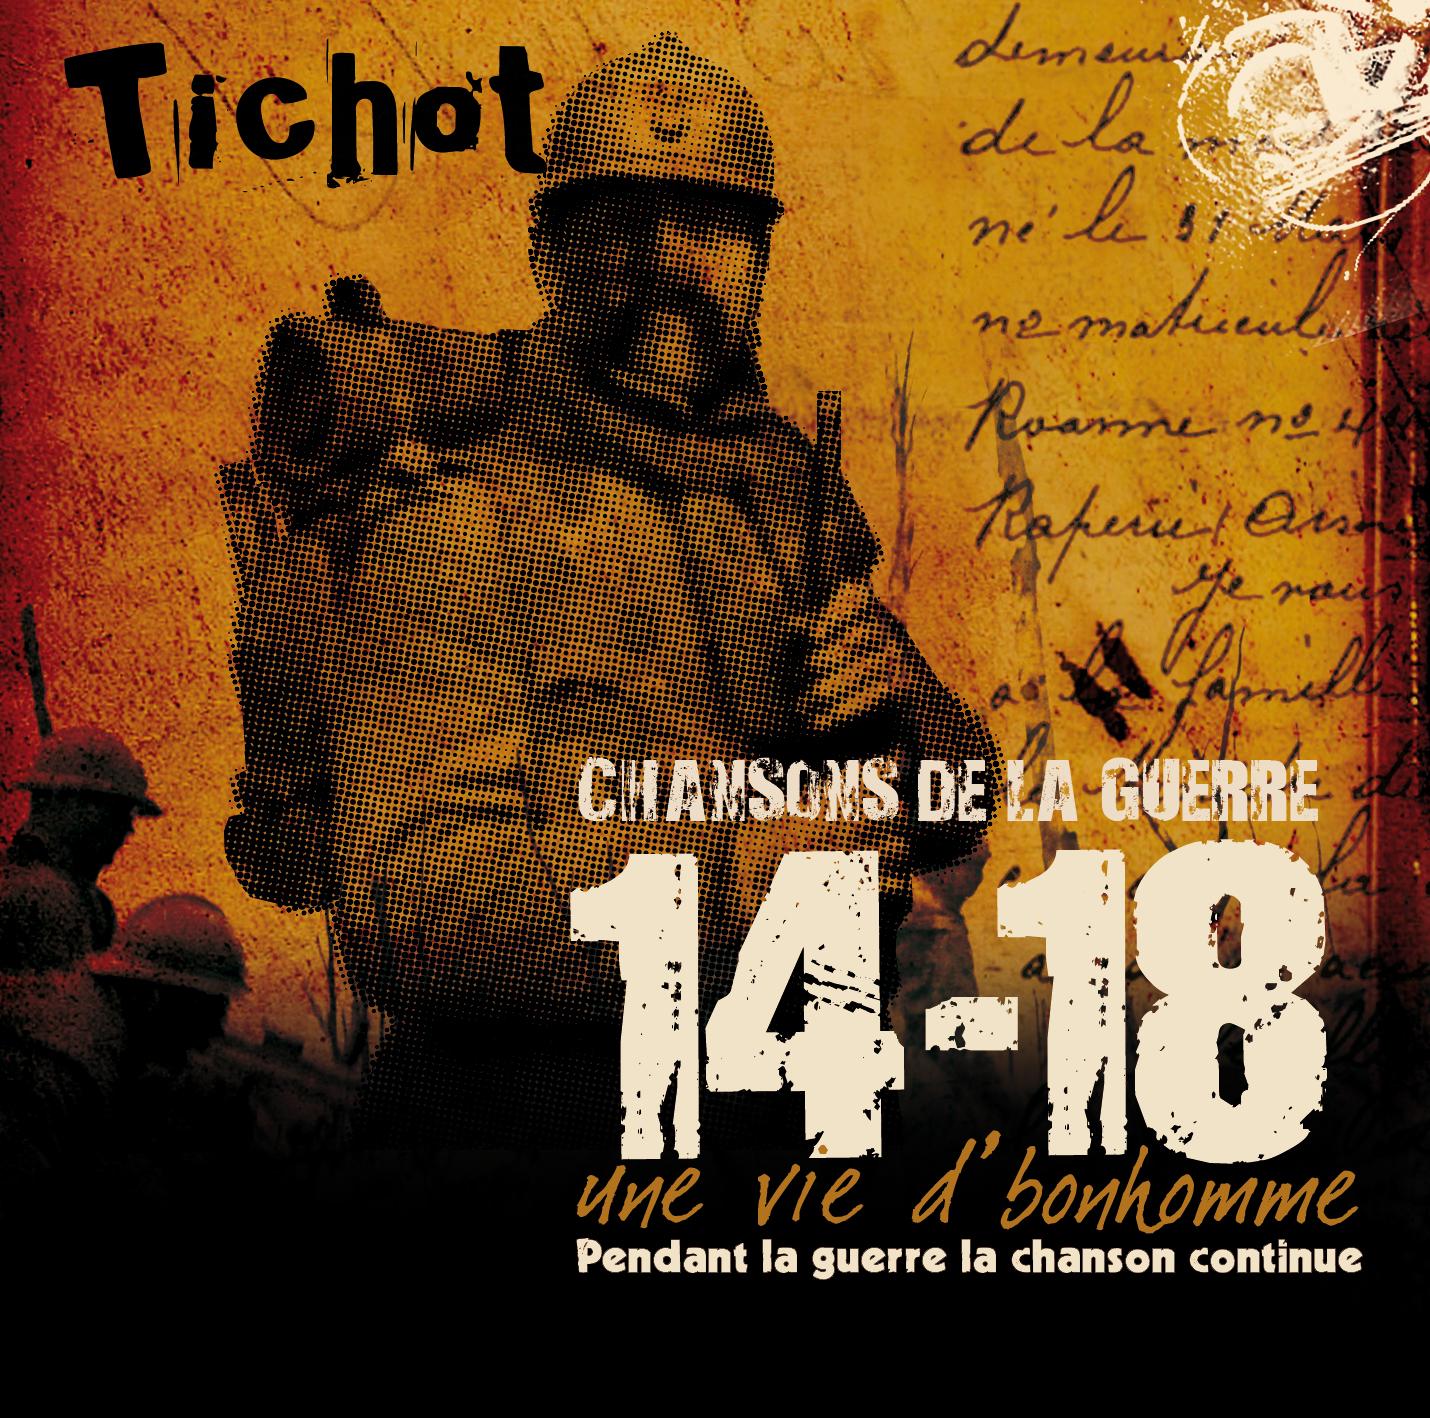 Tichot - Les Chansons de la guerre 14-18